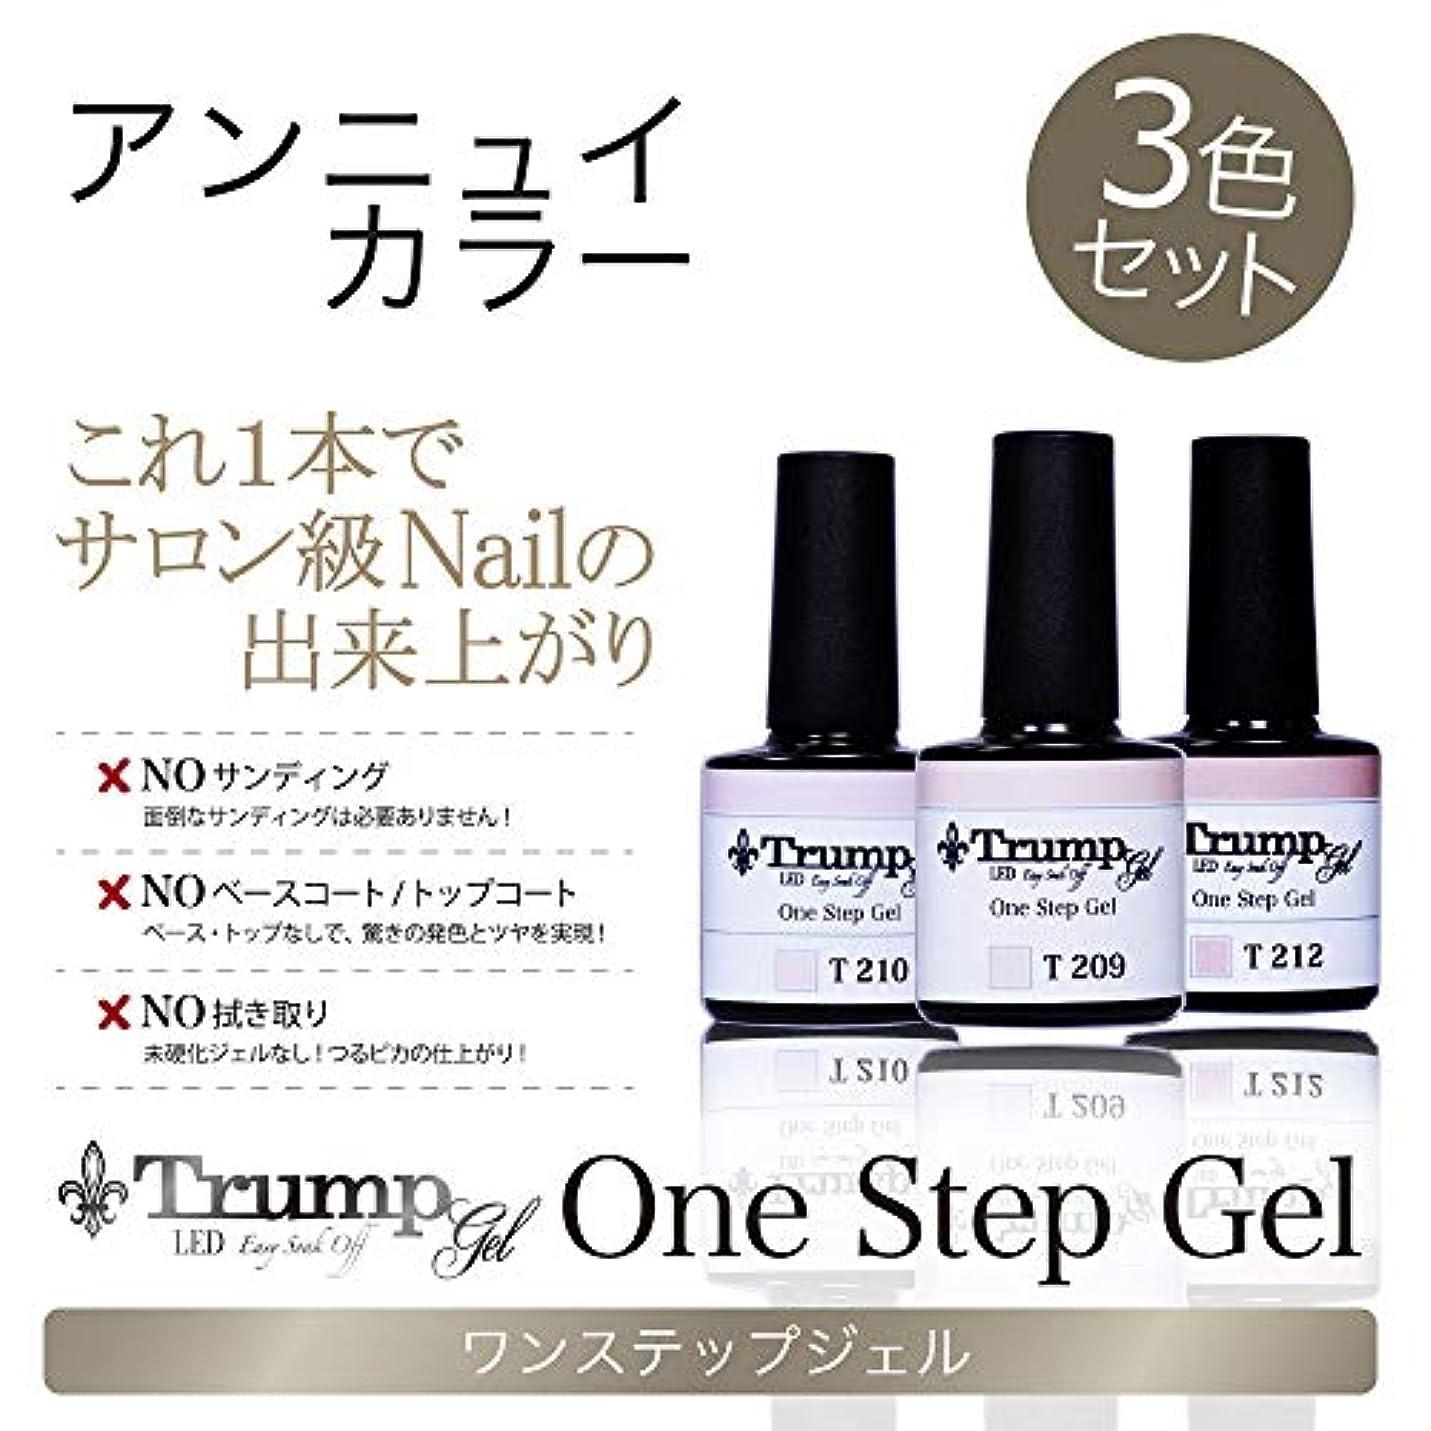 普通に素晴らしい良い多くのクローゼット【日本製】Trump gel トランプジェル ワンステップジェル ジェルネイル カラージェル 3点 セット ヌーディ ヌーディピンク アンニュイ (アンニュイカラーセット)